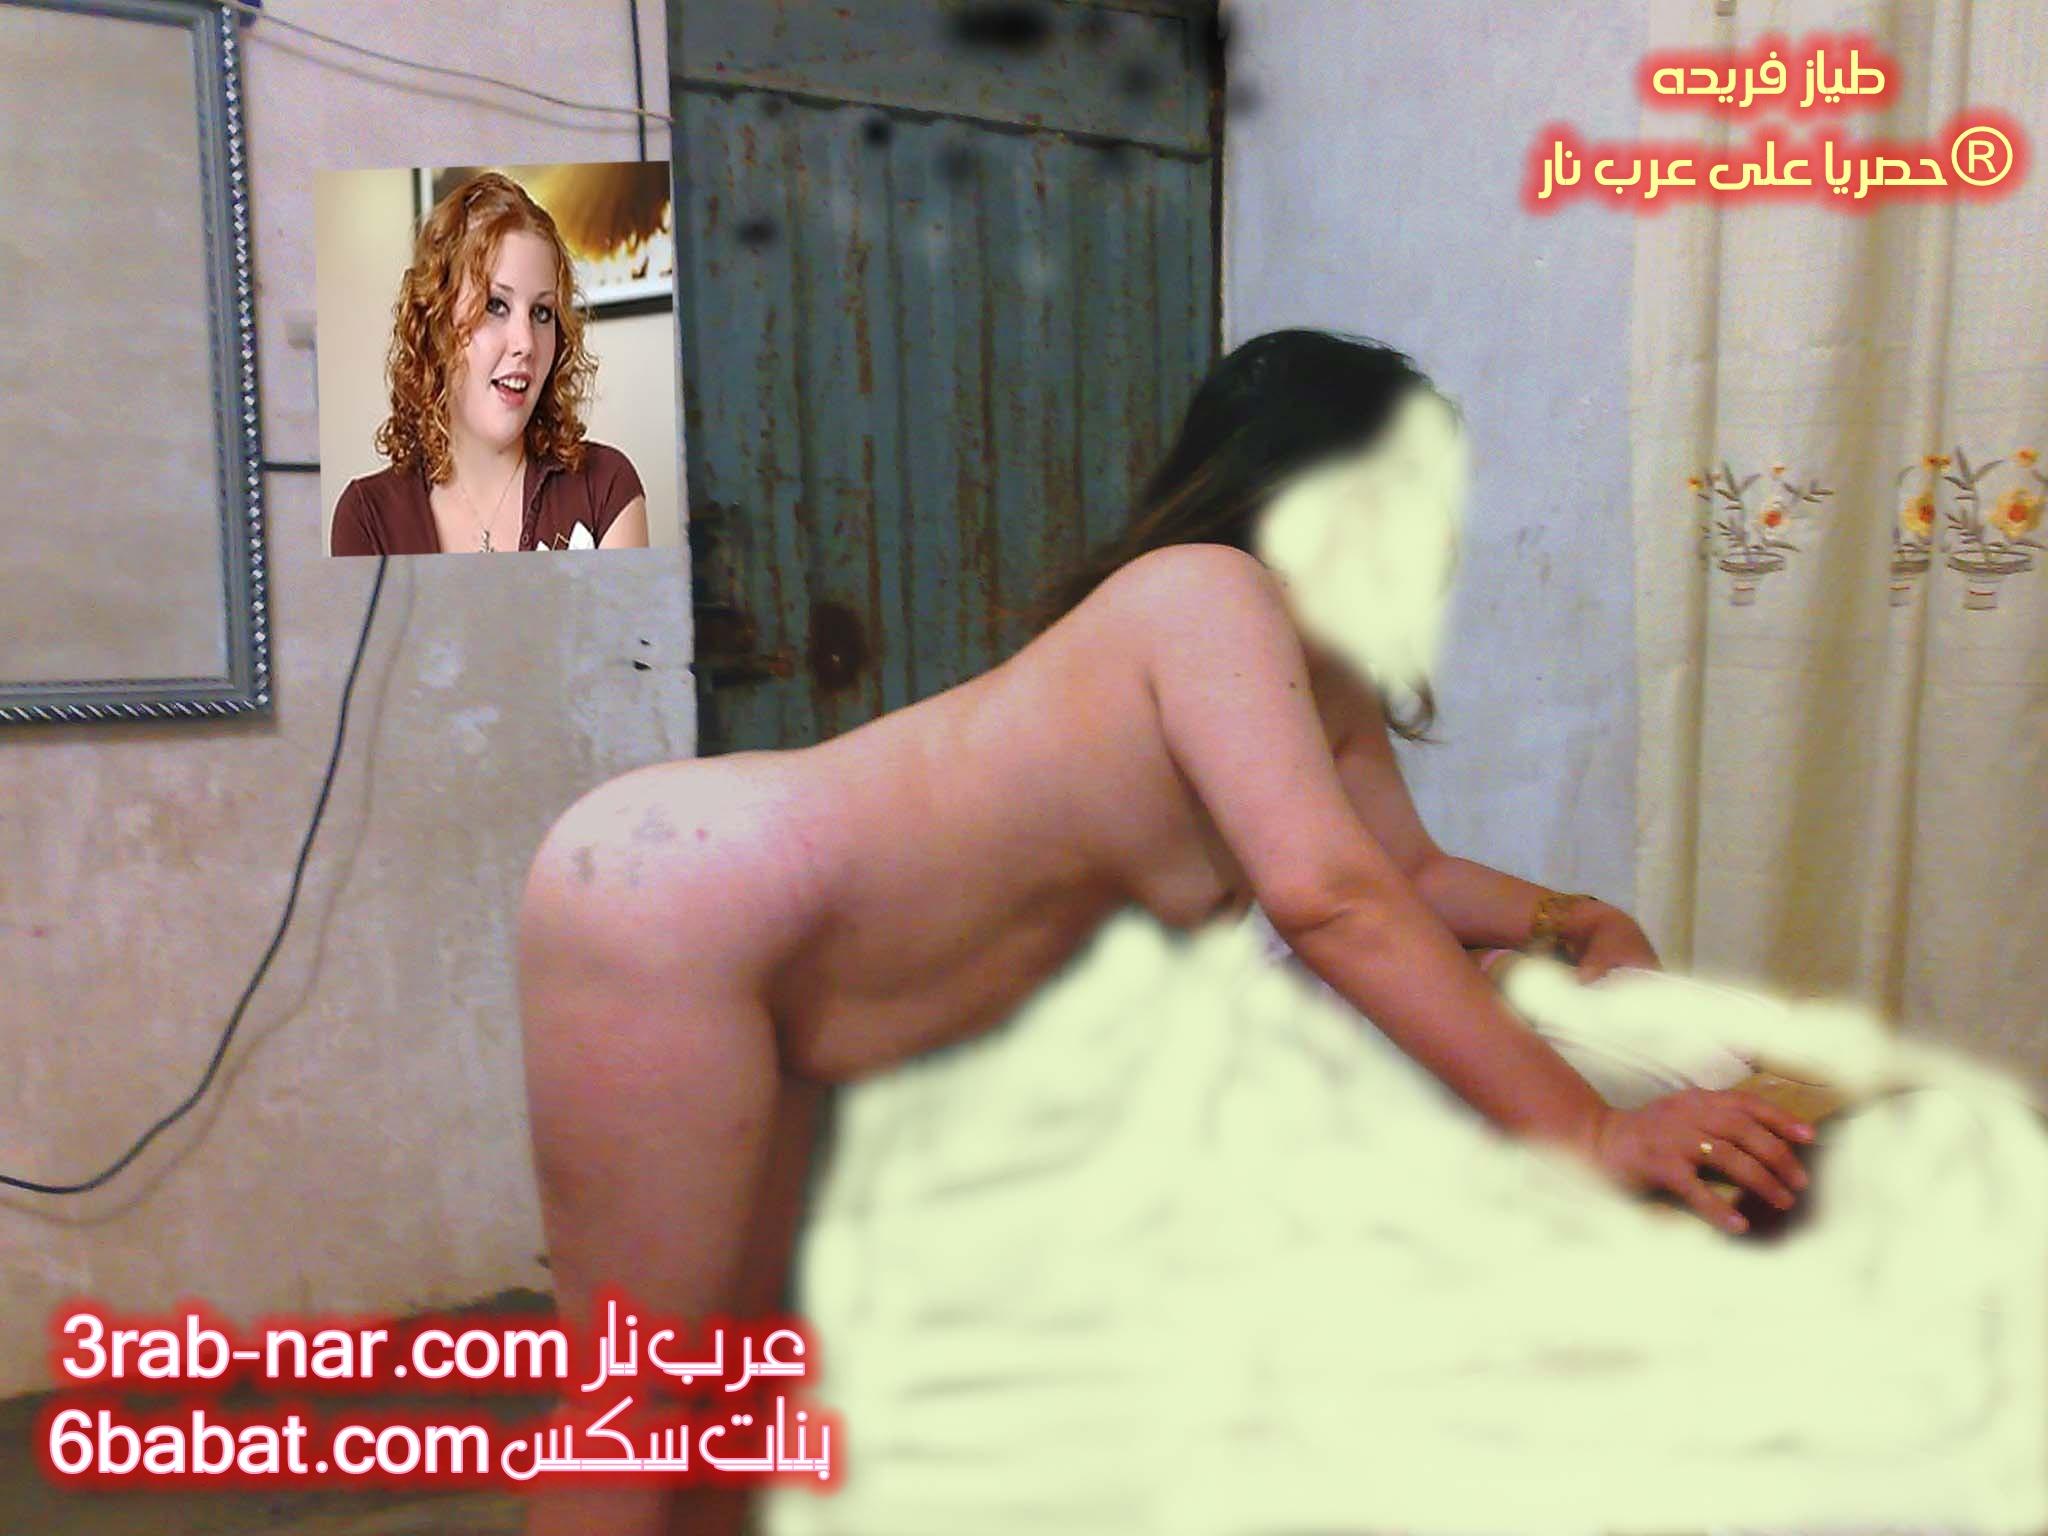 3Arab Porno 3 rab nar com view 1 3rab view1 10817589 | cloudy girl pics